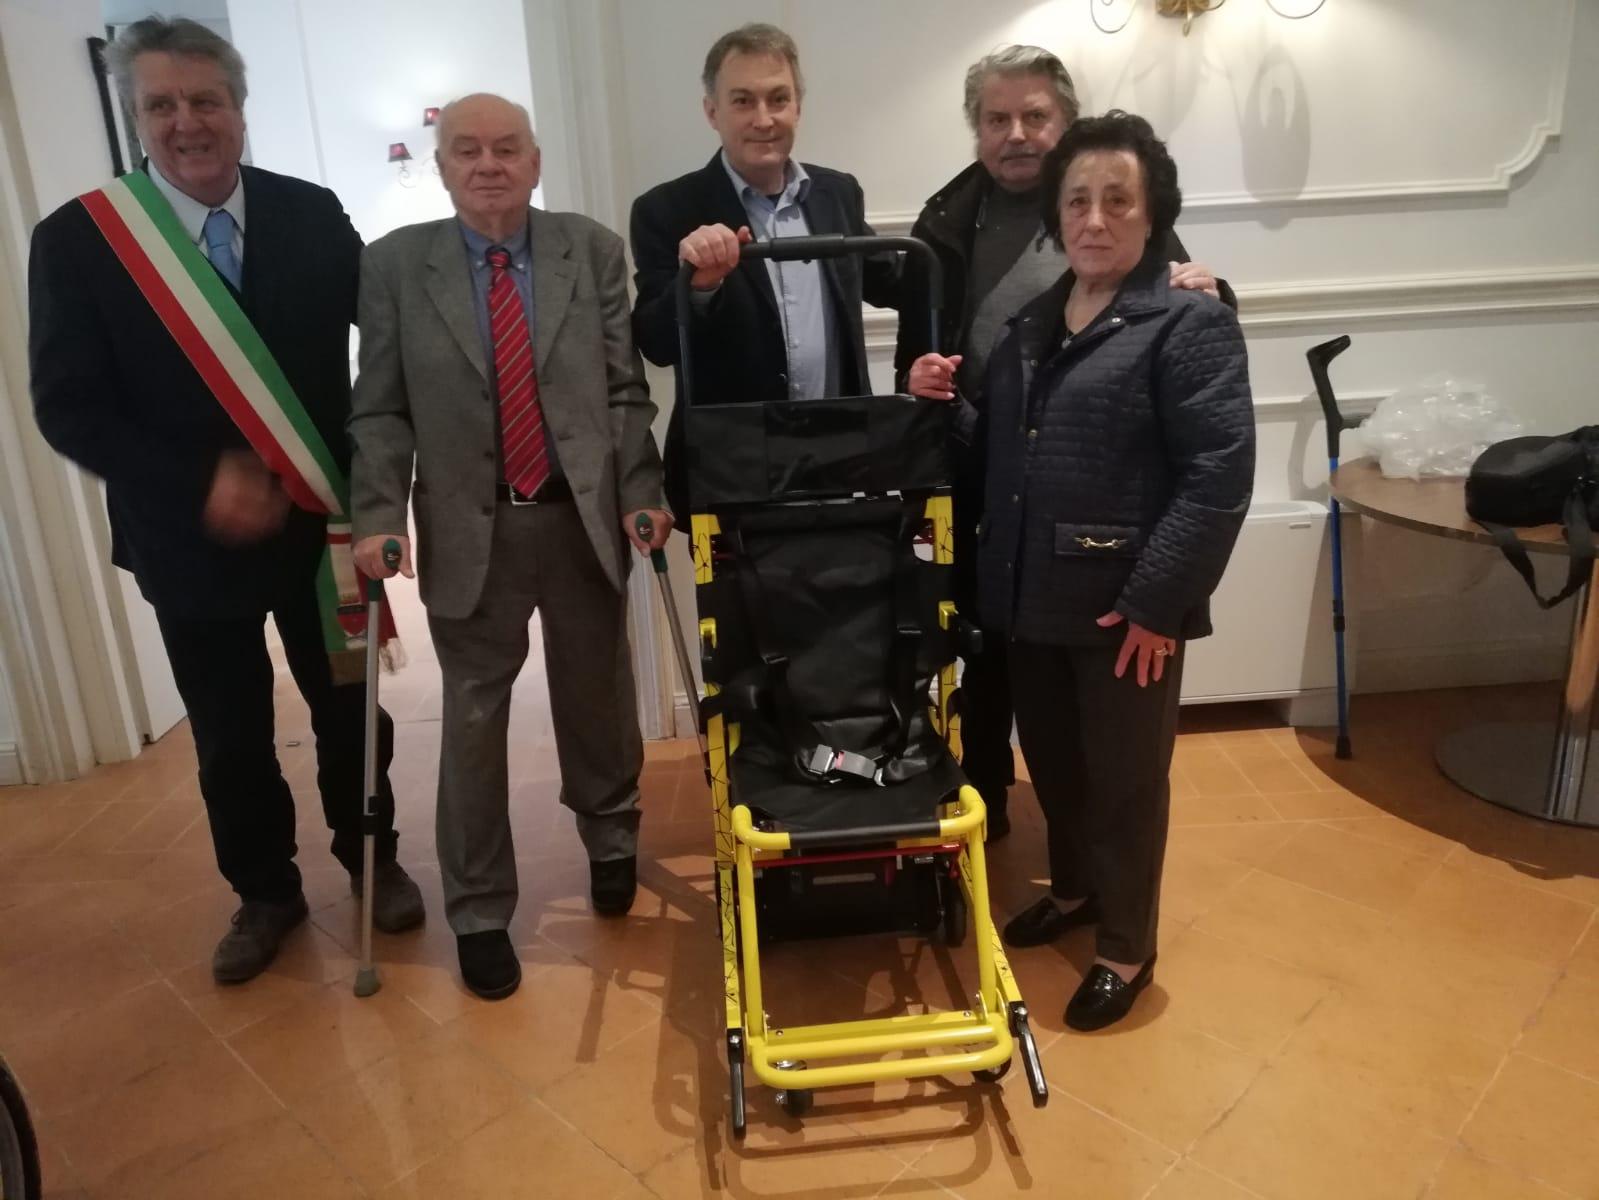 Sedia Trasporto Disabili Scale  silicon valley